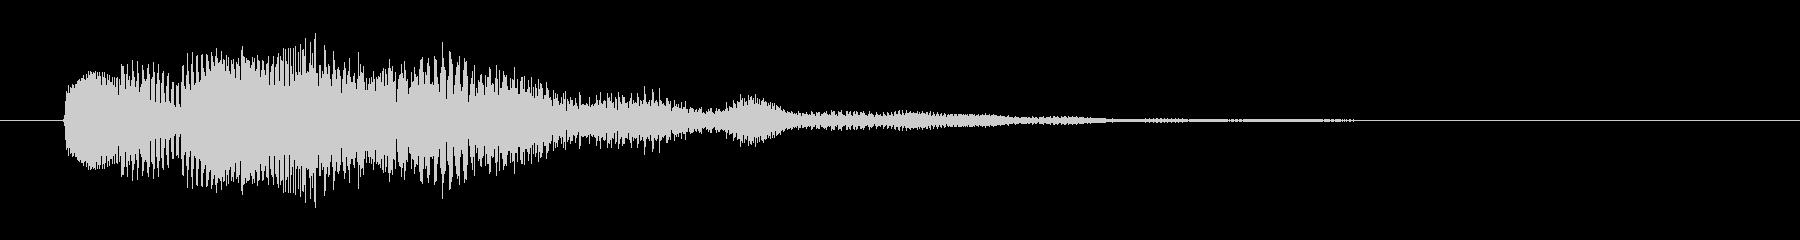 深く穏やかな音色のサウンドロゴの未再生の波形